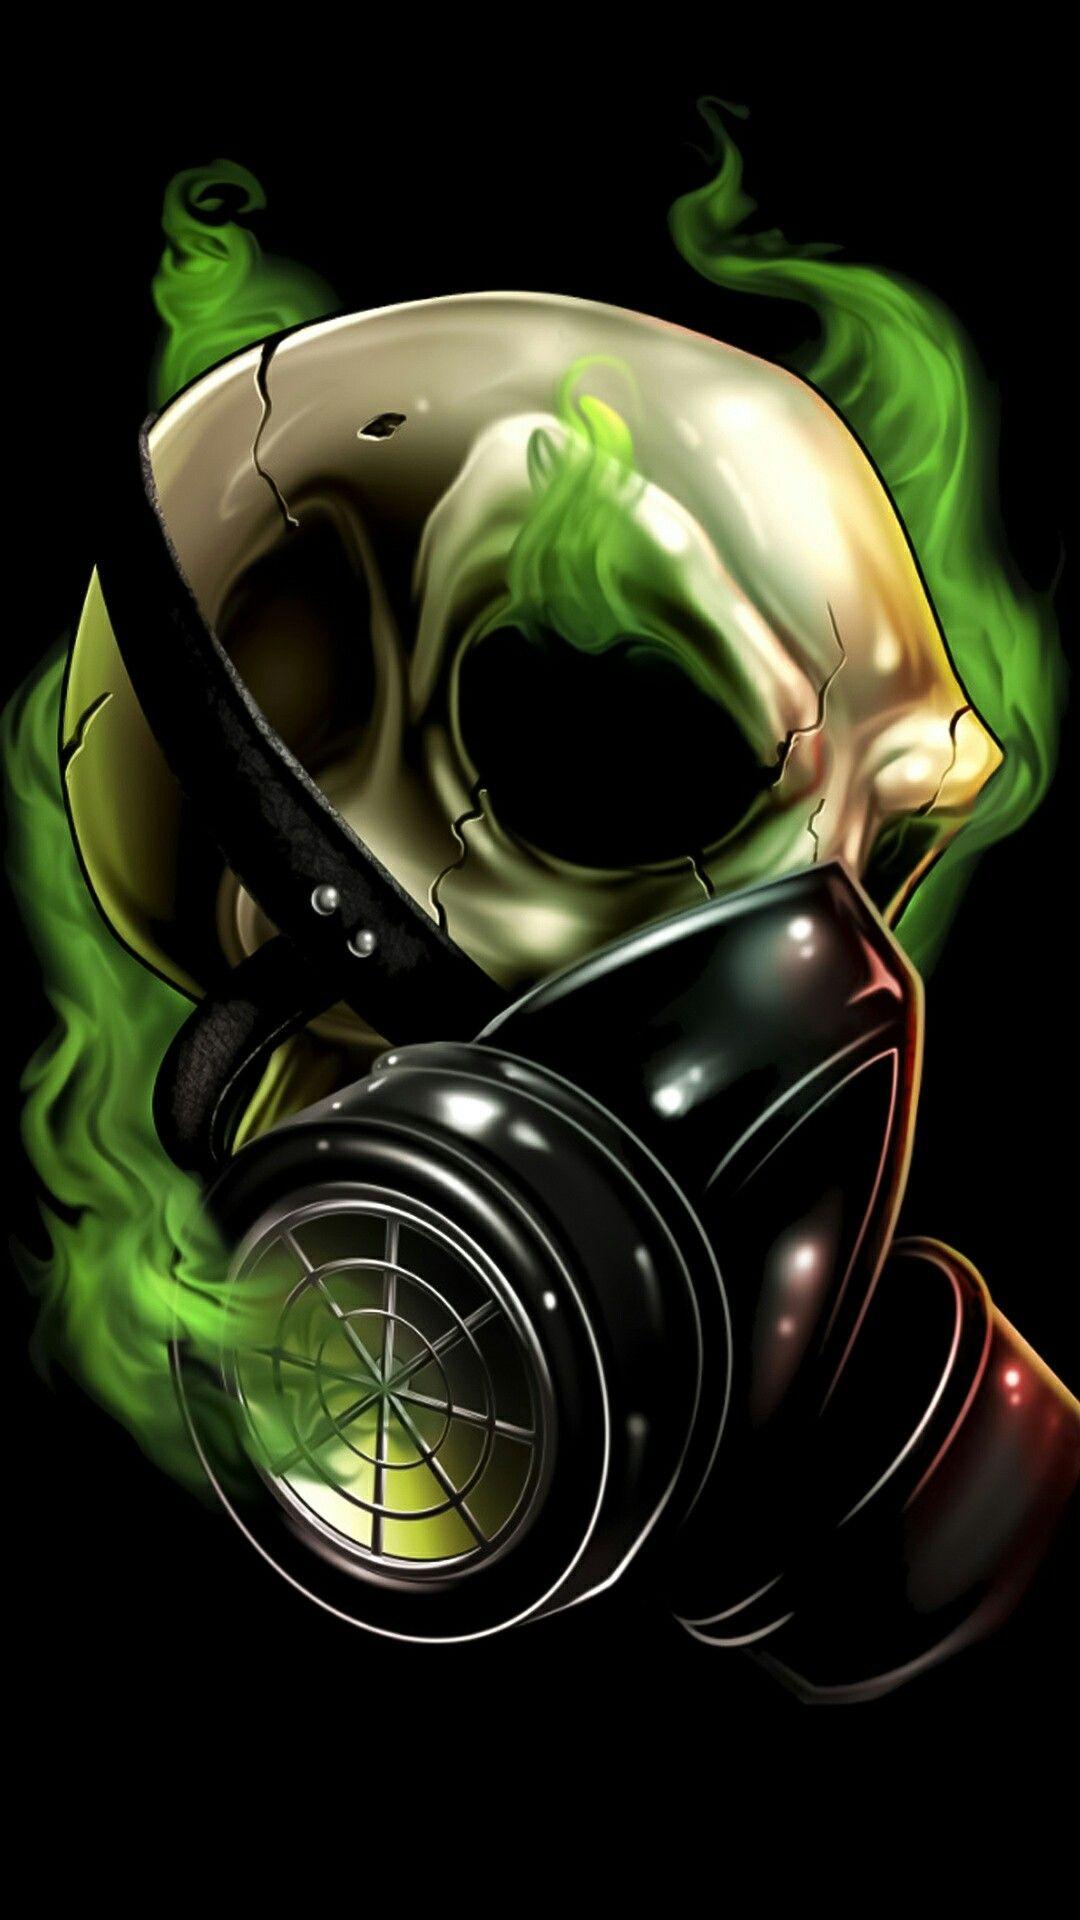 Skull Gas Mask Green